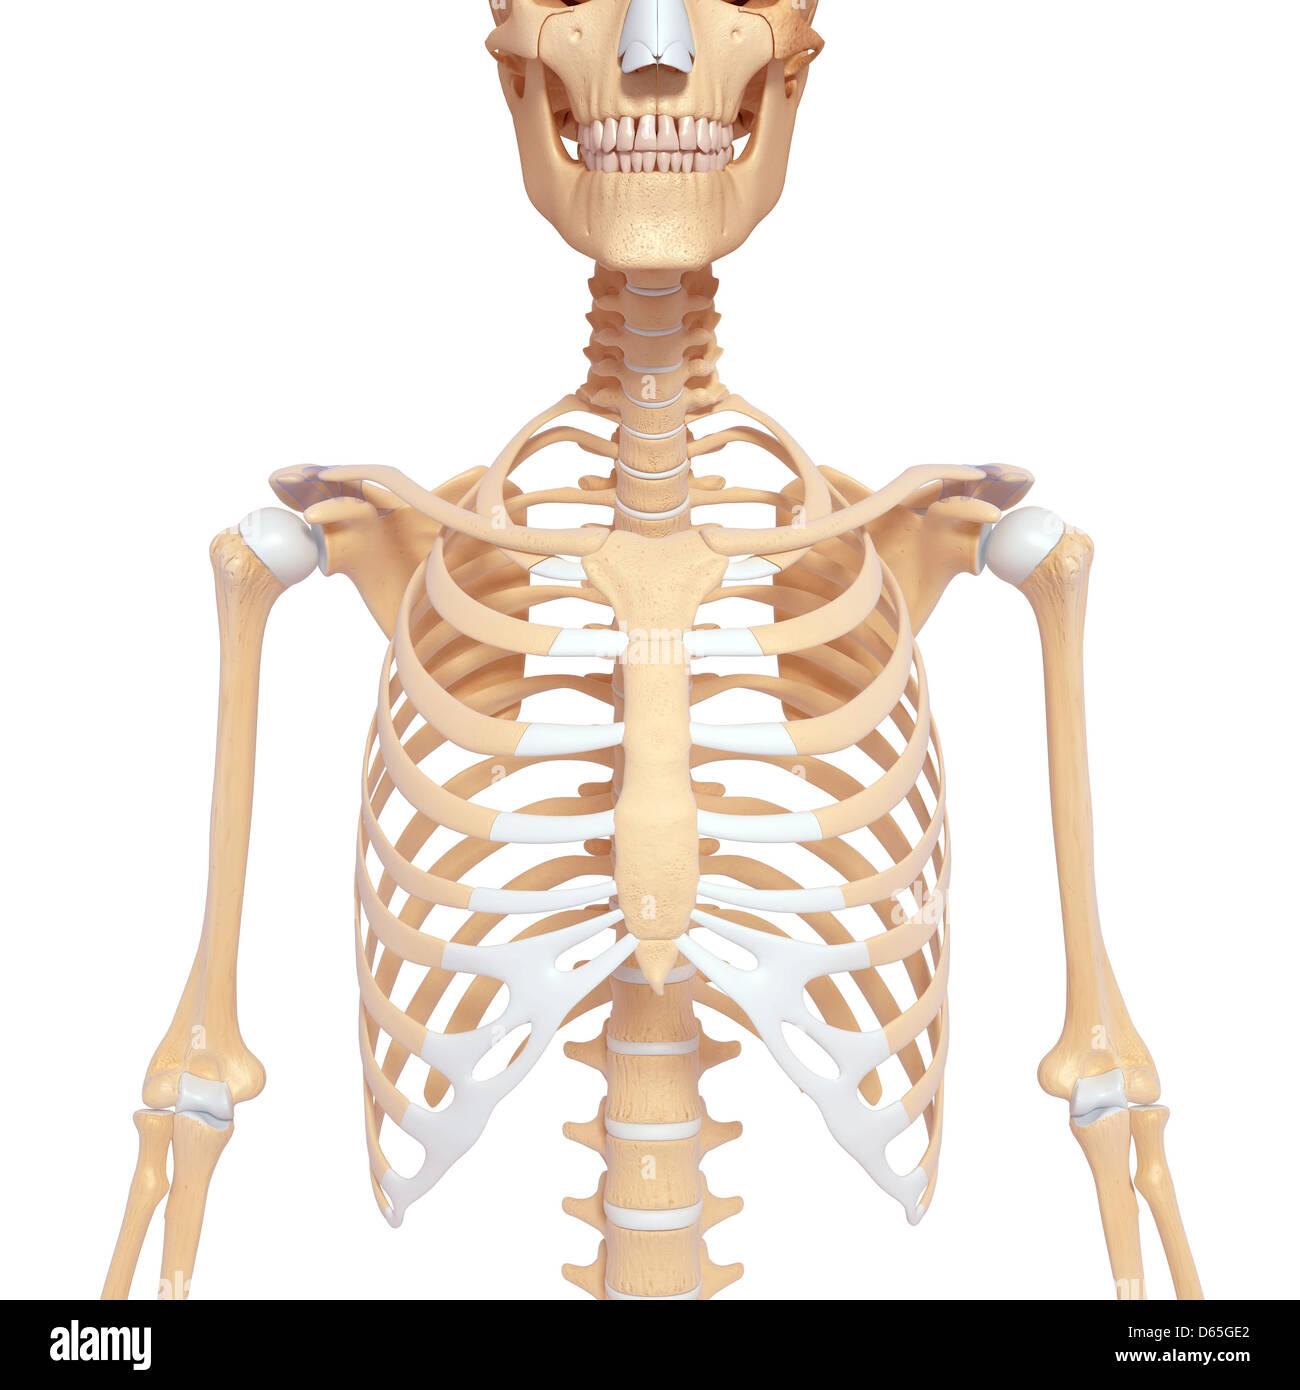 Menschliches Skelett, Kunstwerk Stockfoto, Bild: 55441738 - Alamy